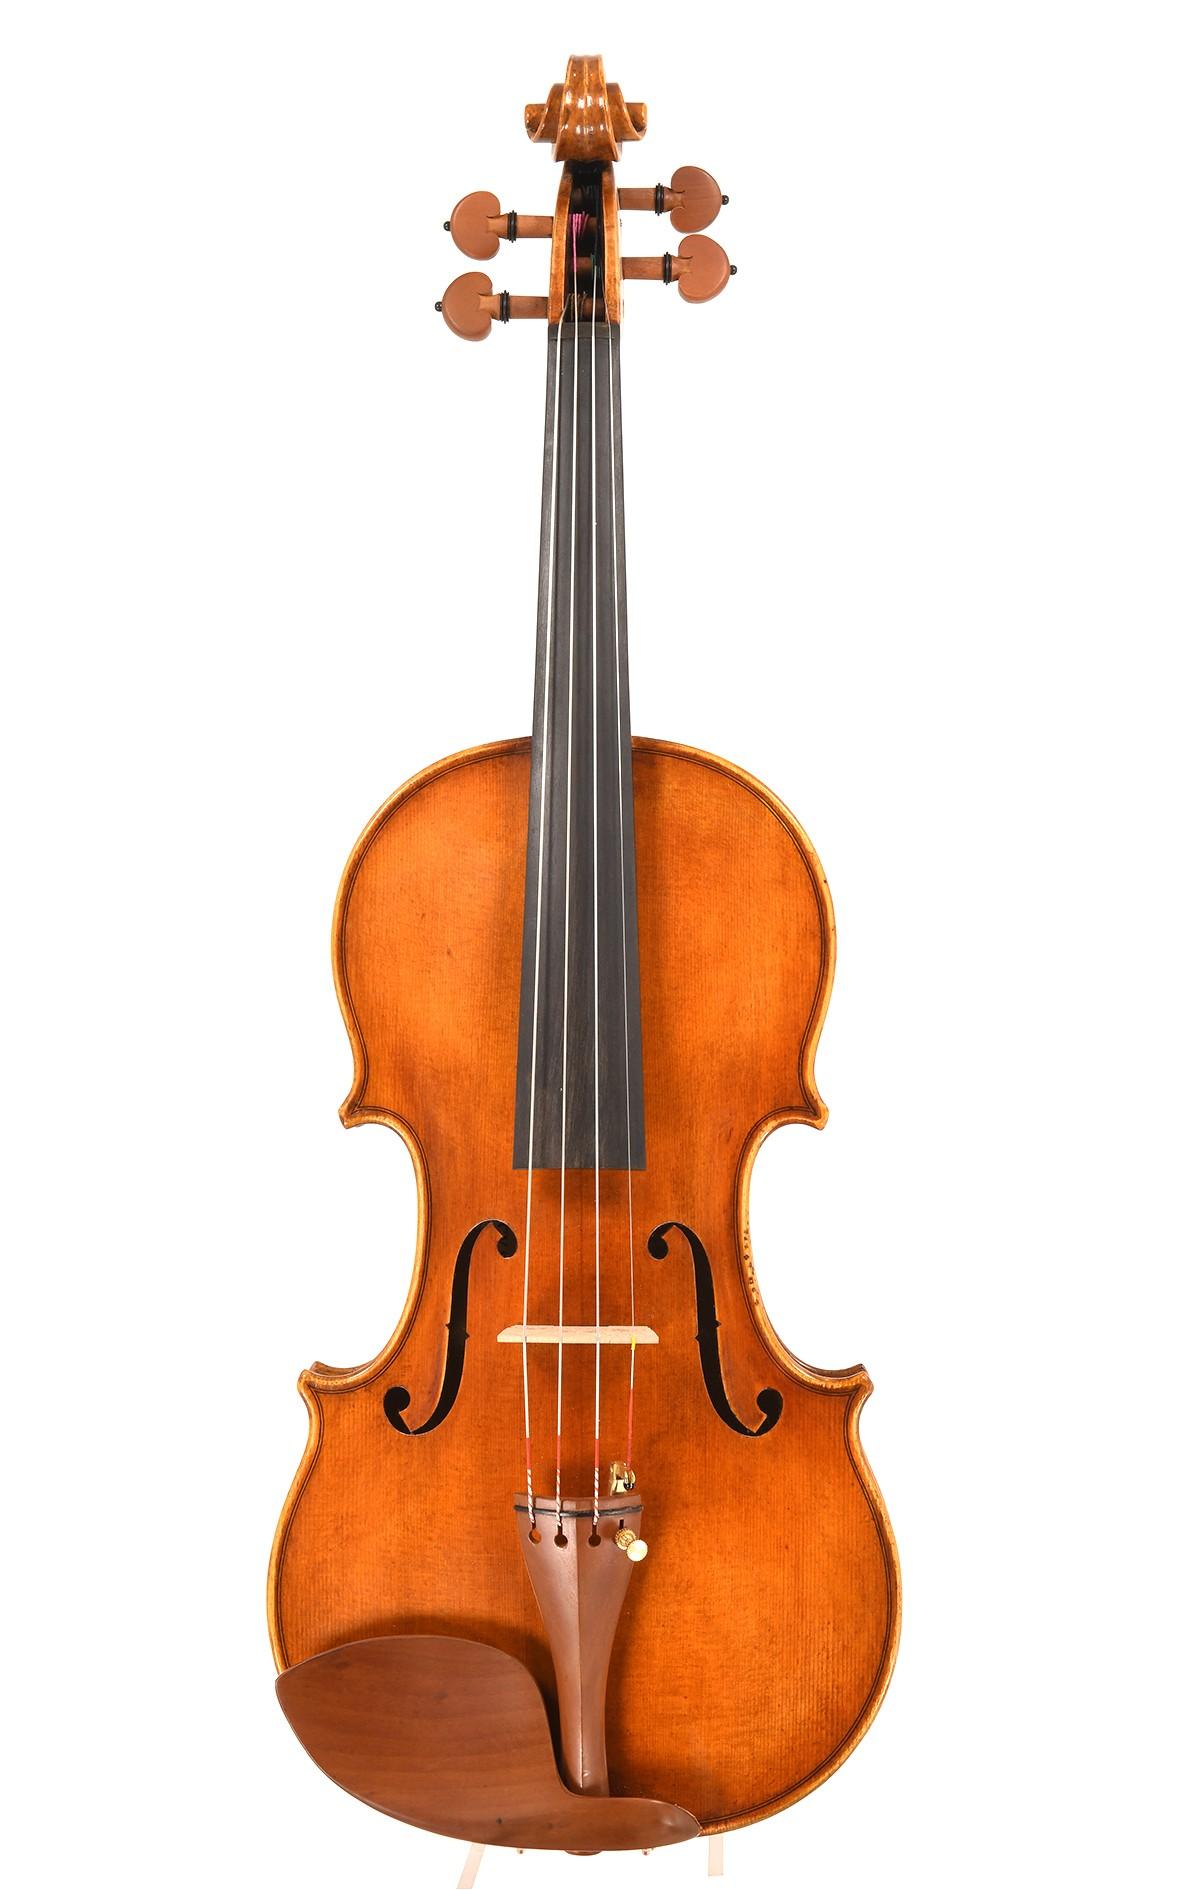 CV Selectio Opus 14 Violin